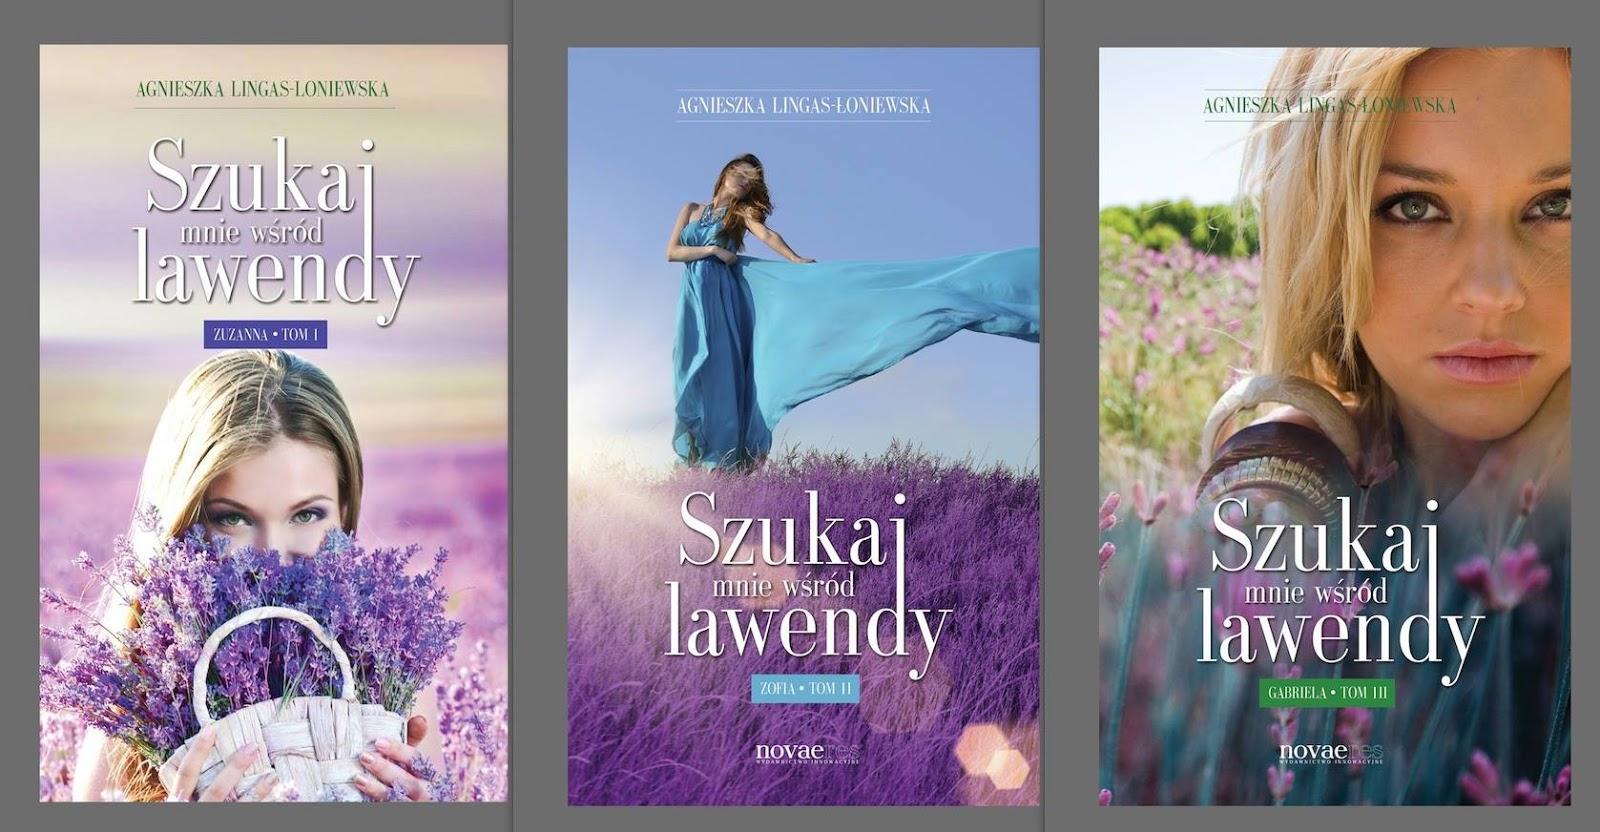 Szukaj mnie wsród lawendy - Agnieszka Lingas-Łoniewska - zapowiedź serii + fragmenty